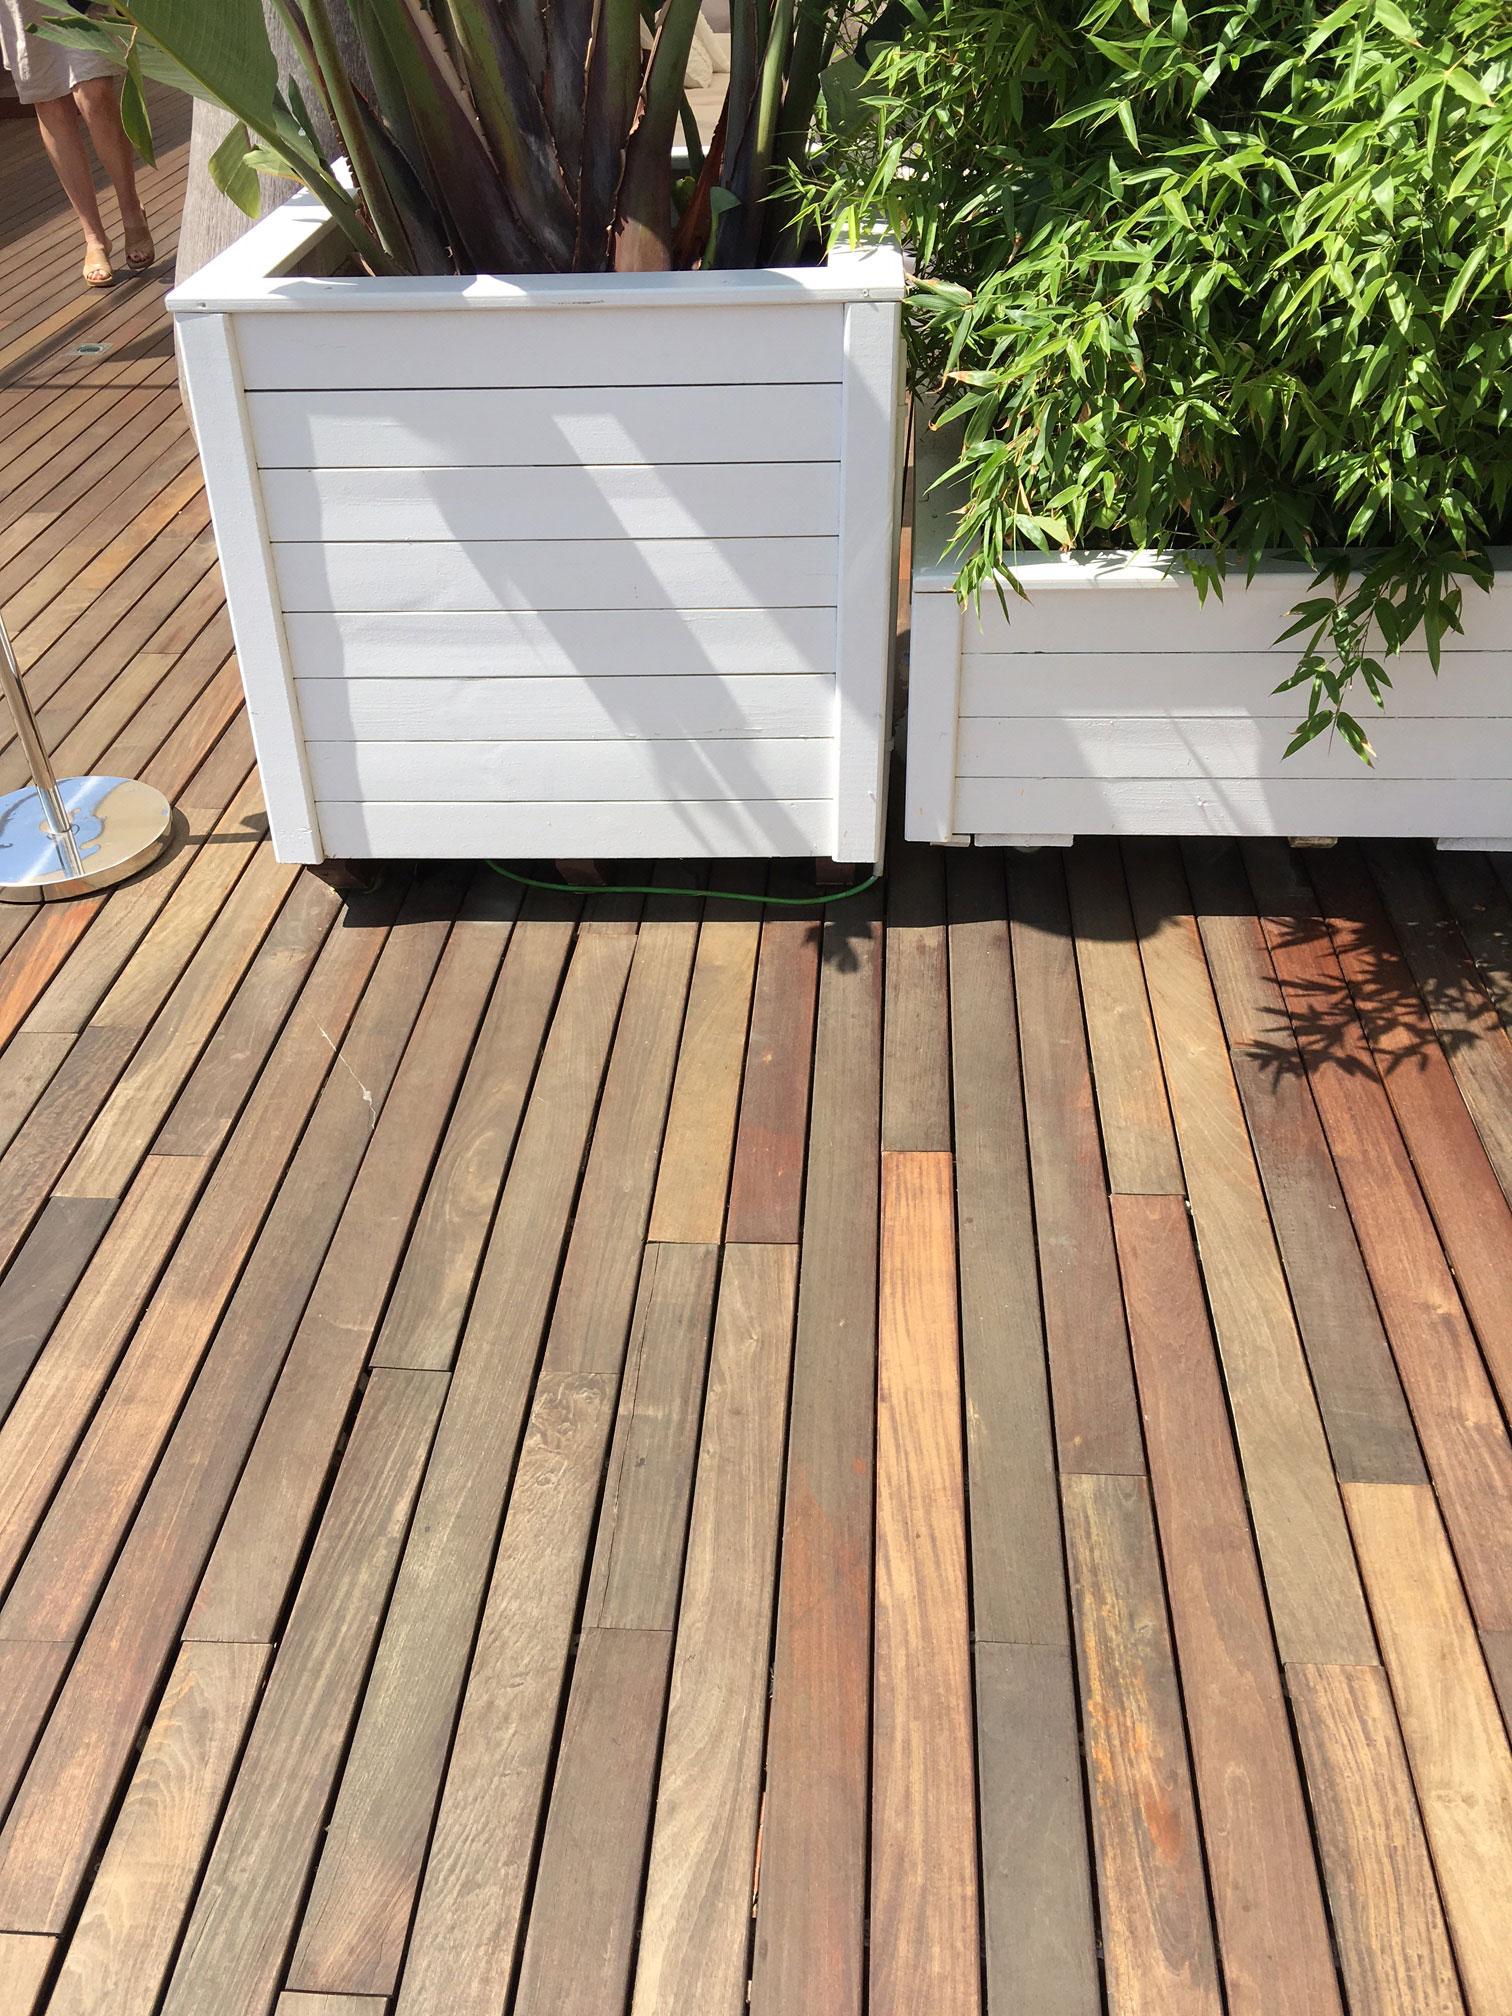 Parquet extérieur lames de terrasse bois massif - Lame de terrasse ipe brut deck clipsable 2 faces lisses 140x19x l515-l1265mm